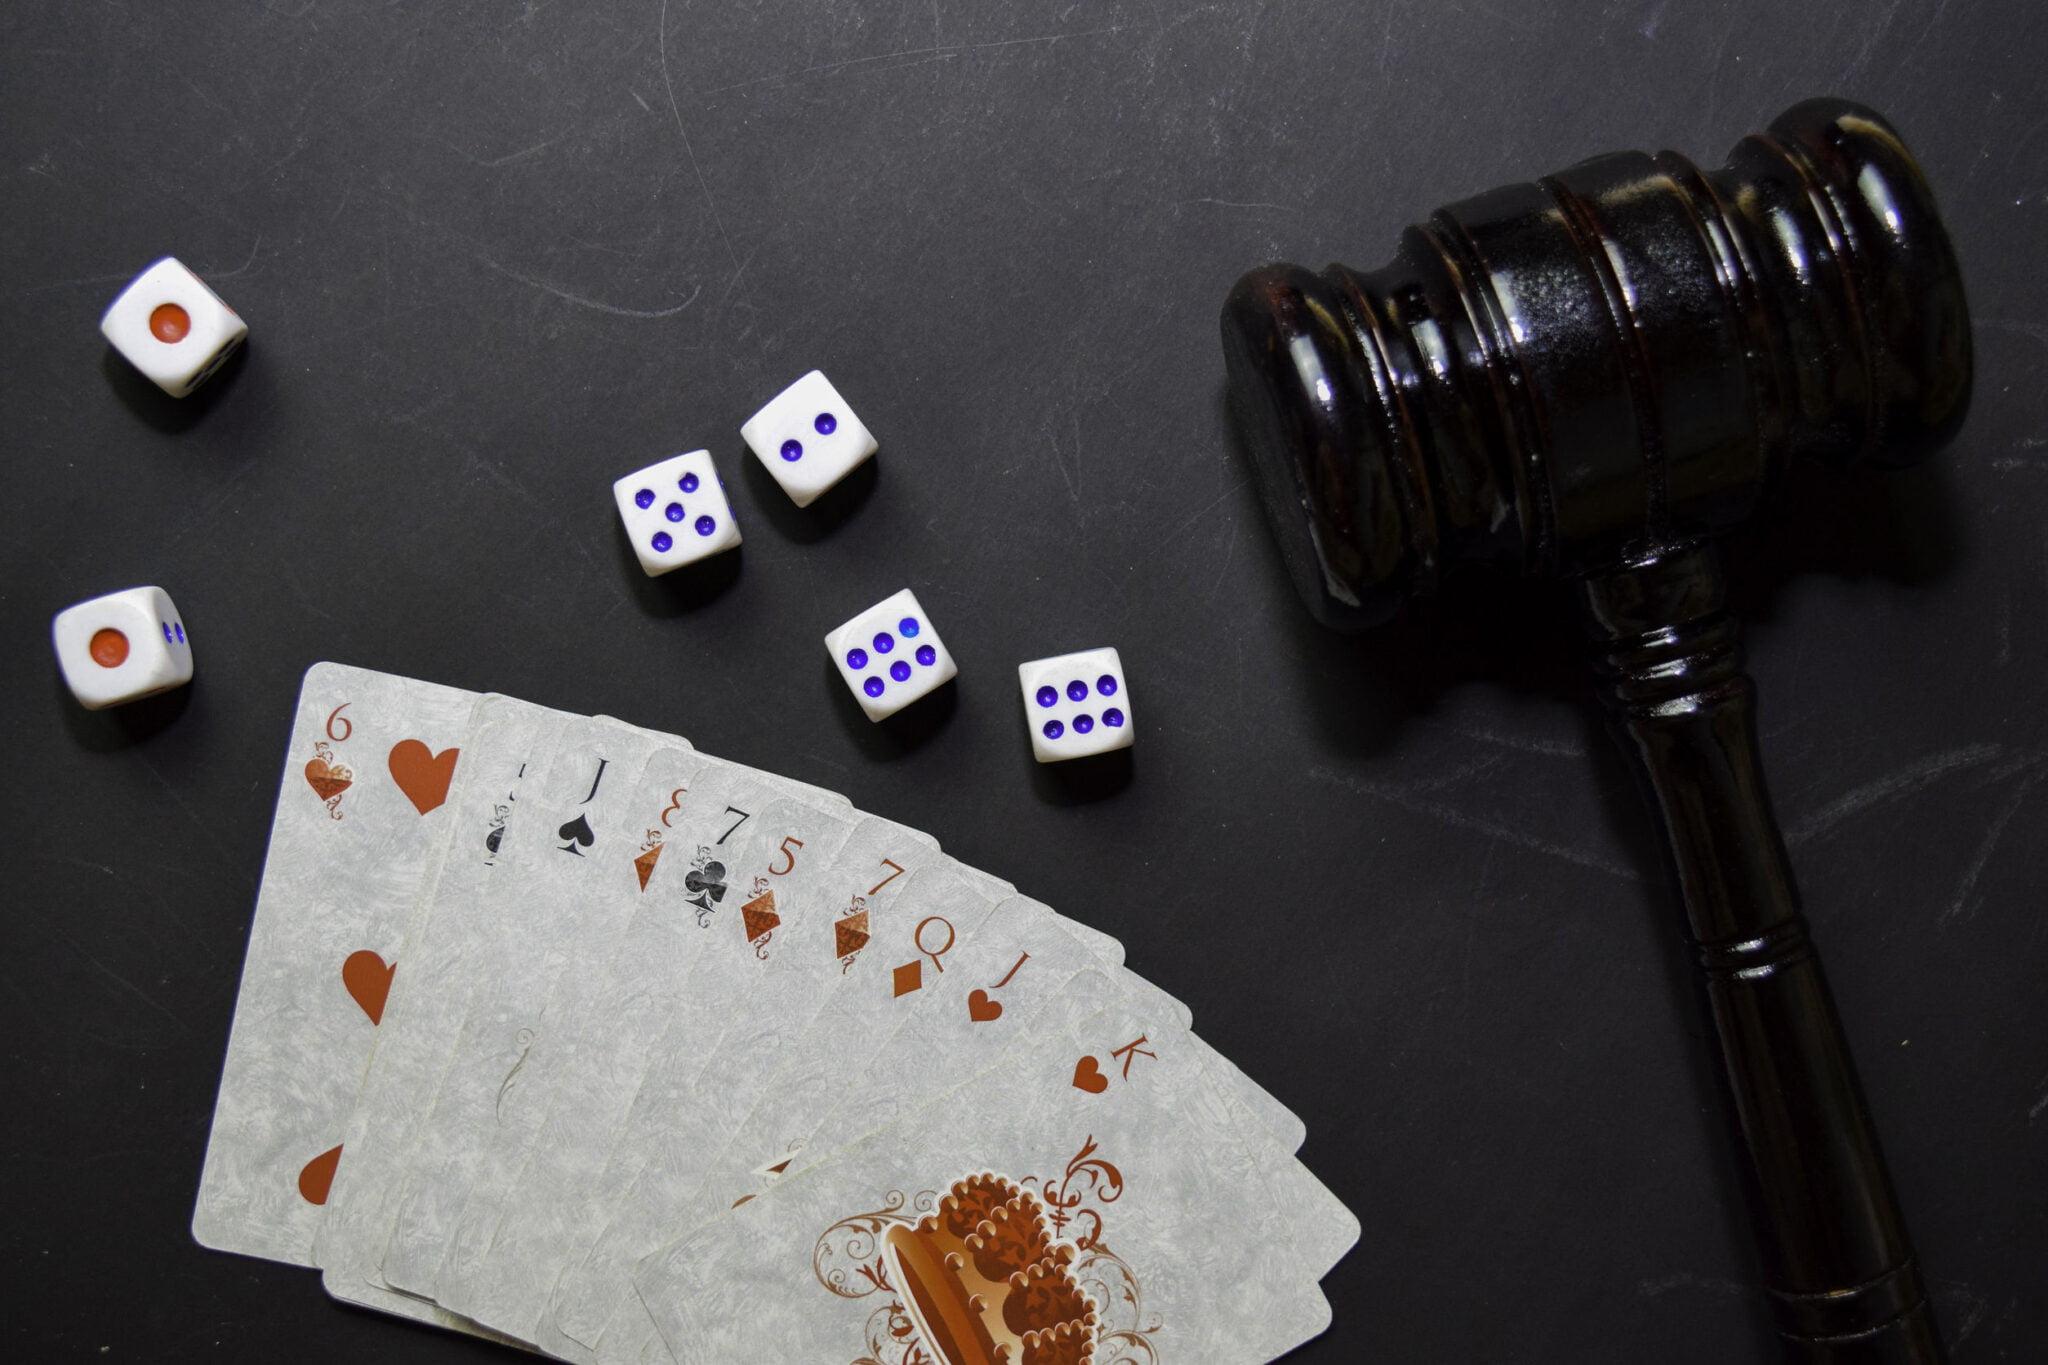 Spelletjes voor 1 persoon die je alleen kan spelen; bordspellen, kaartspellen en online kaartspellen - Mamaliefde.nl